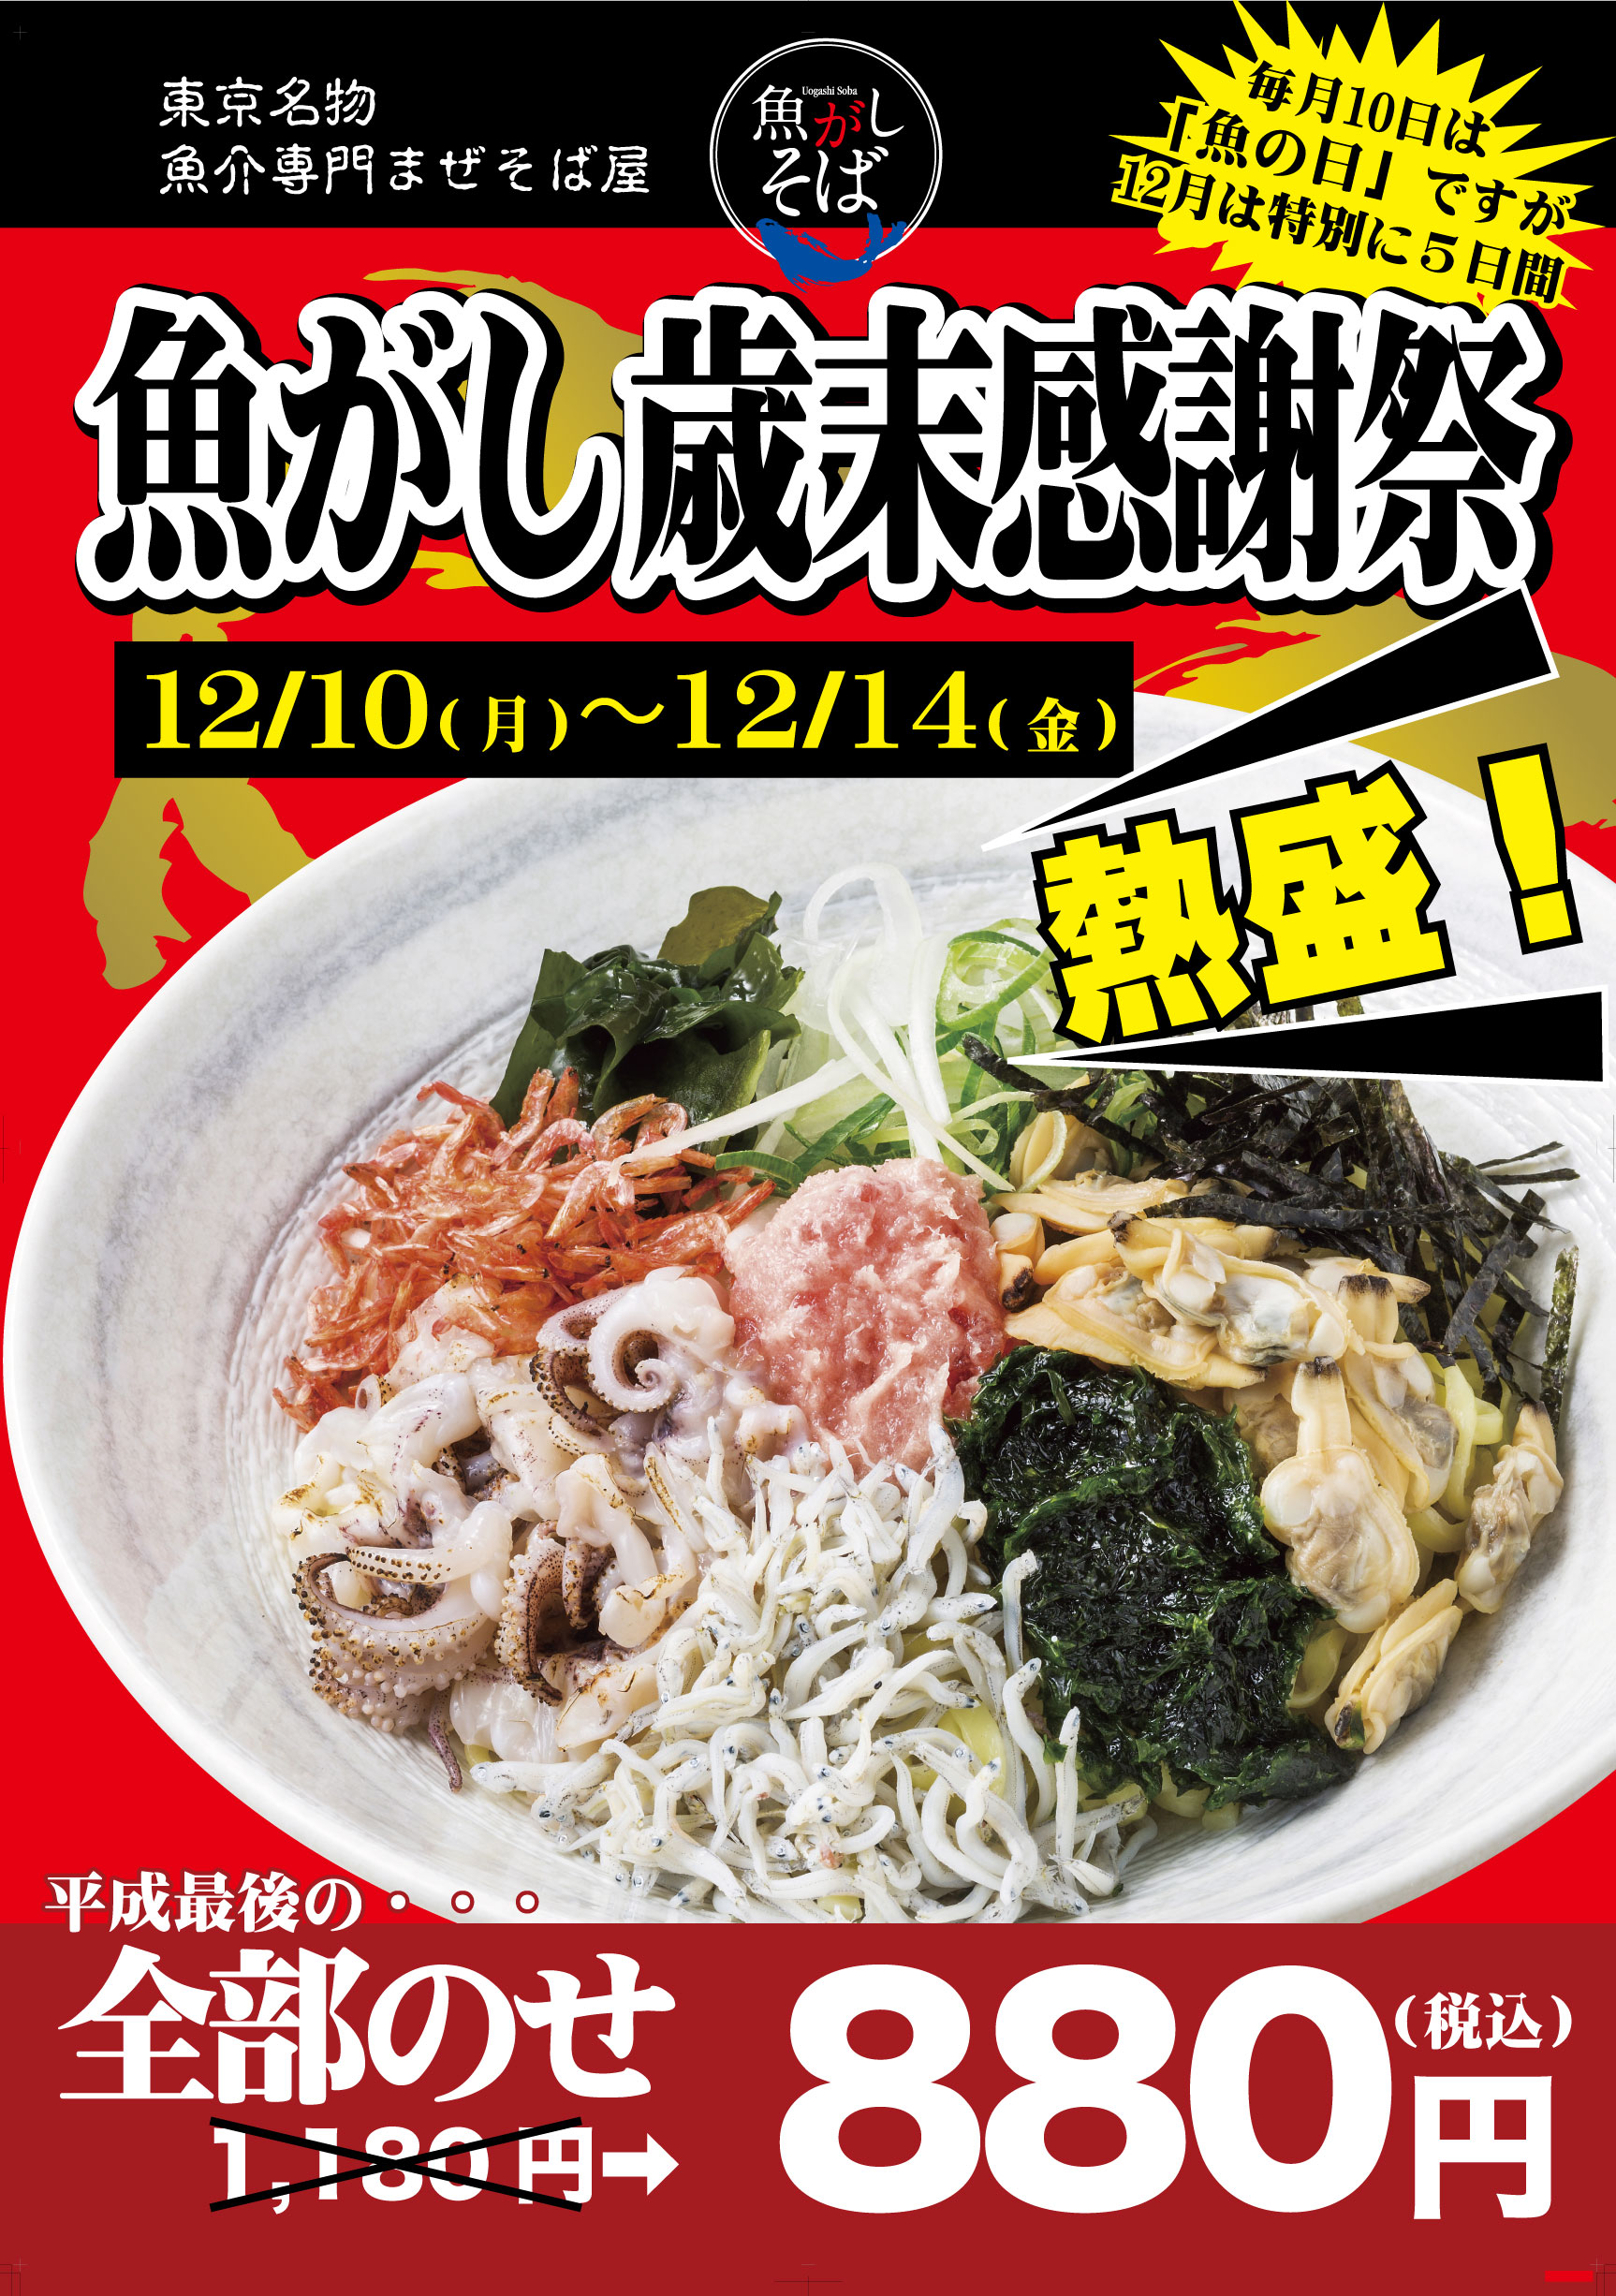 魚がしそば 新橋本店「魚がし歳末感謝祭」のお知らせ